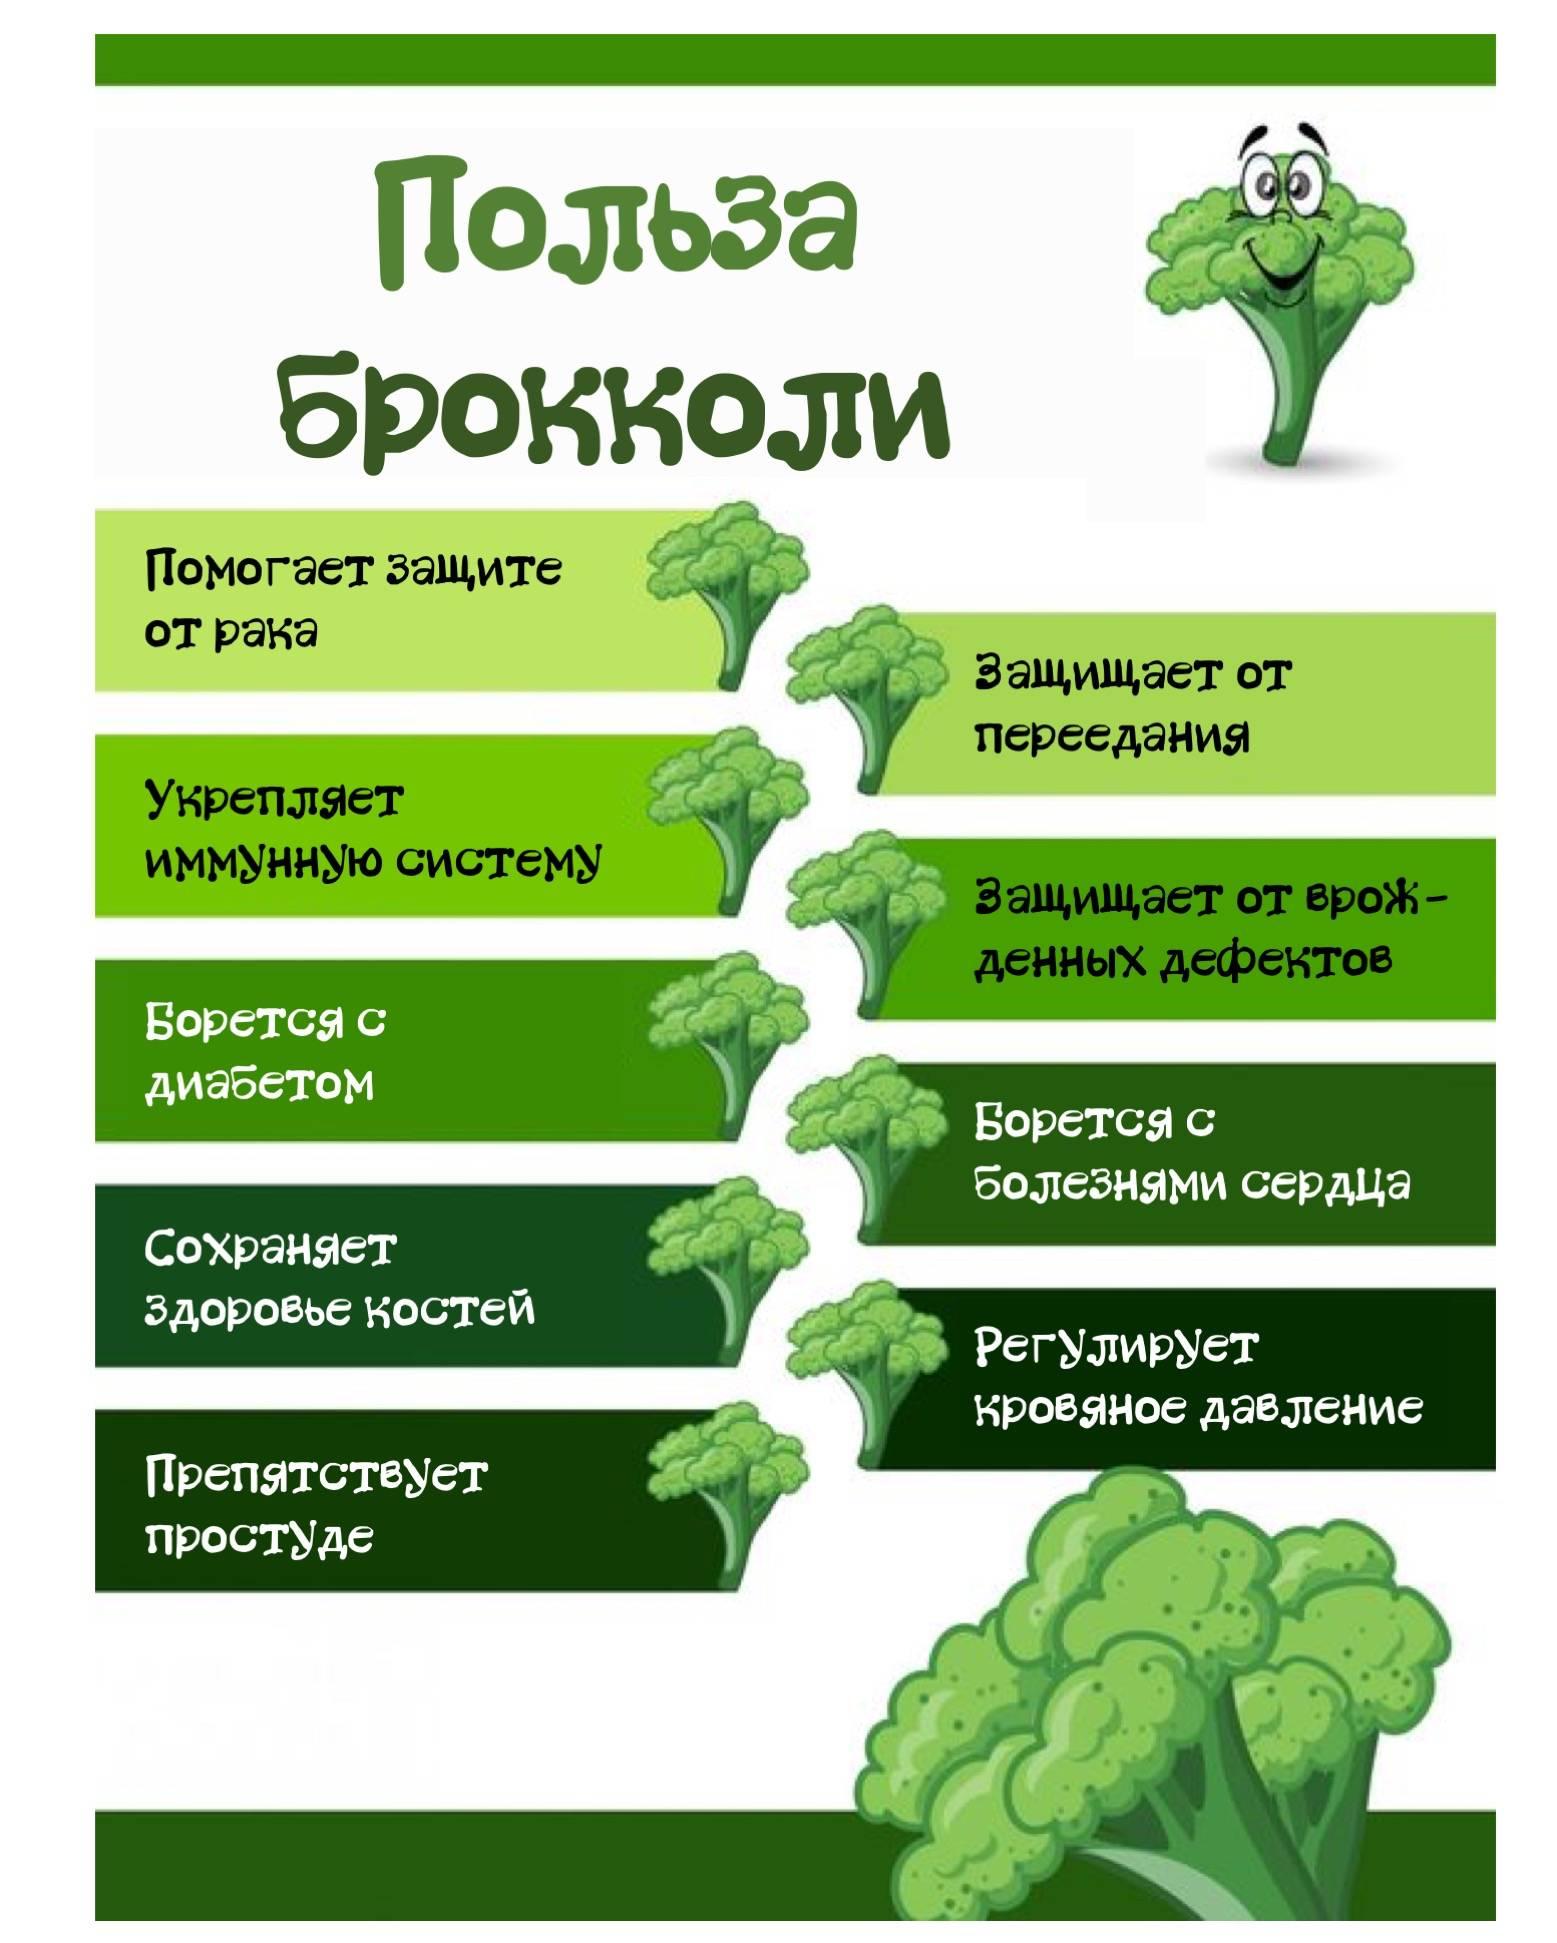 Капуста брокколи — польза и вред для организма